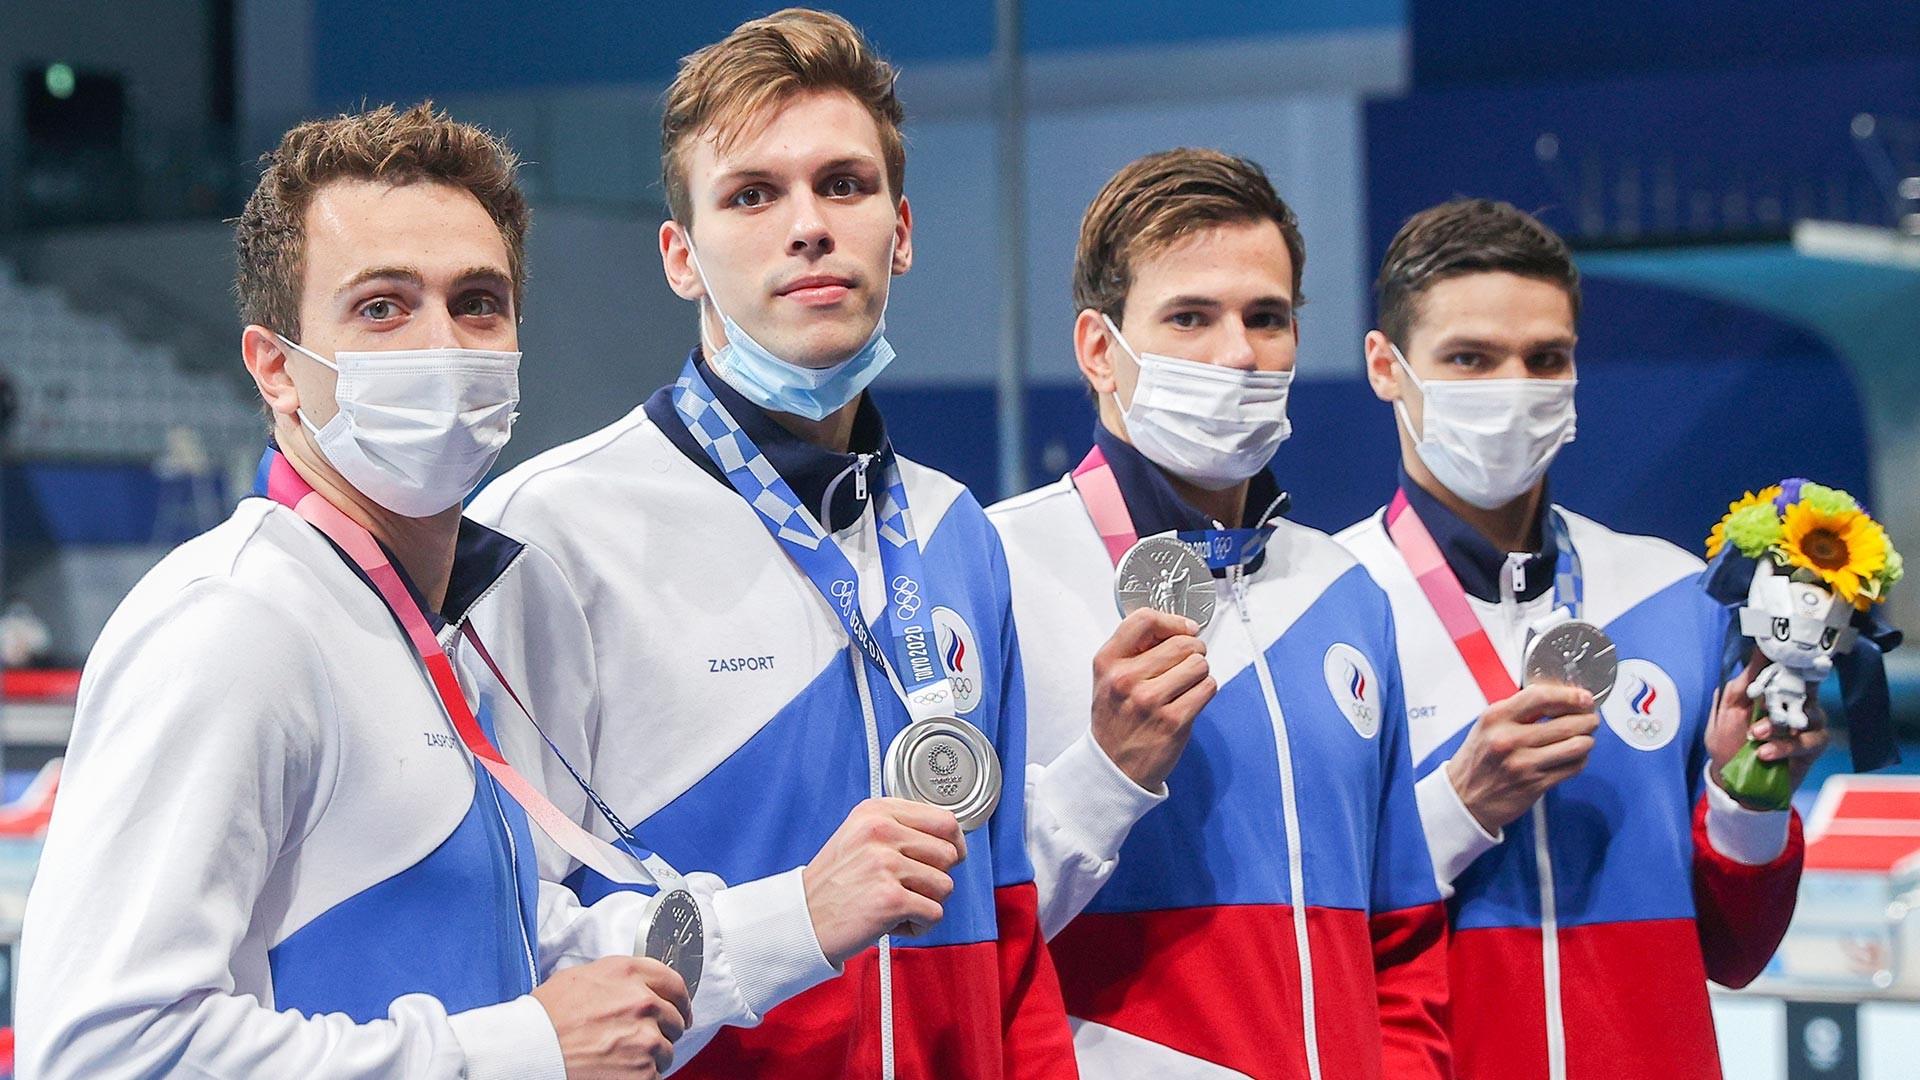 Gli atleti della squadra ROC si sono aggiudicati la medaglia d'argento nella staffetta 4x200 metri stile libero maschile